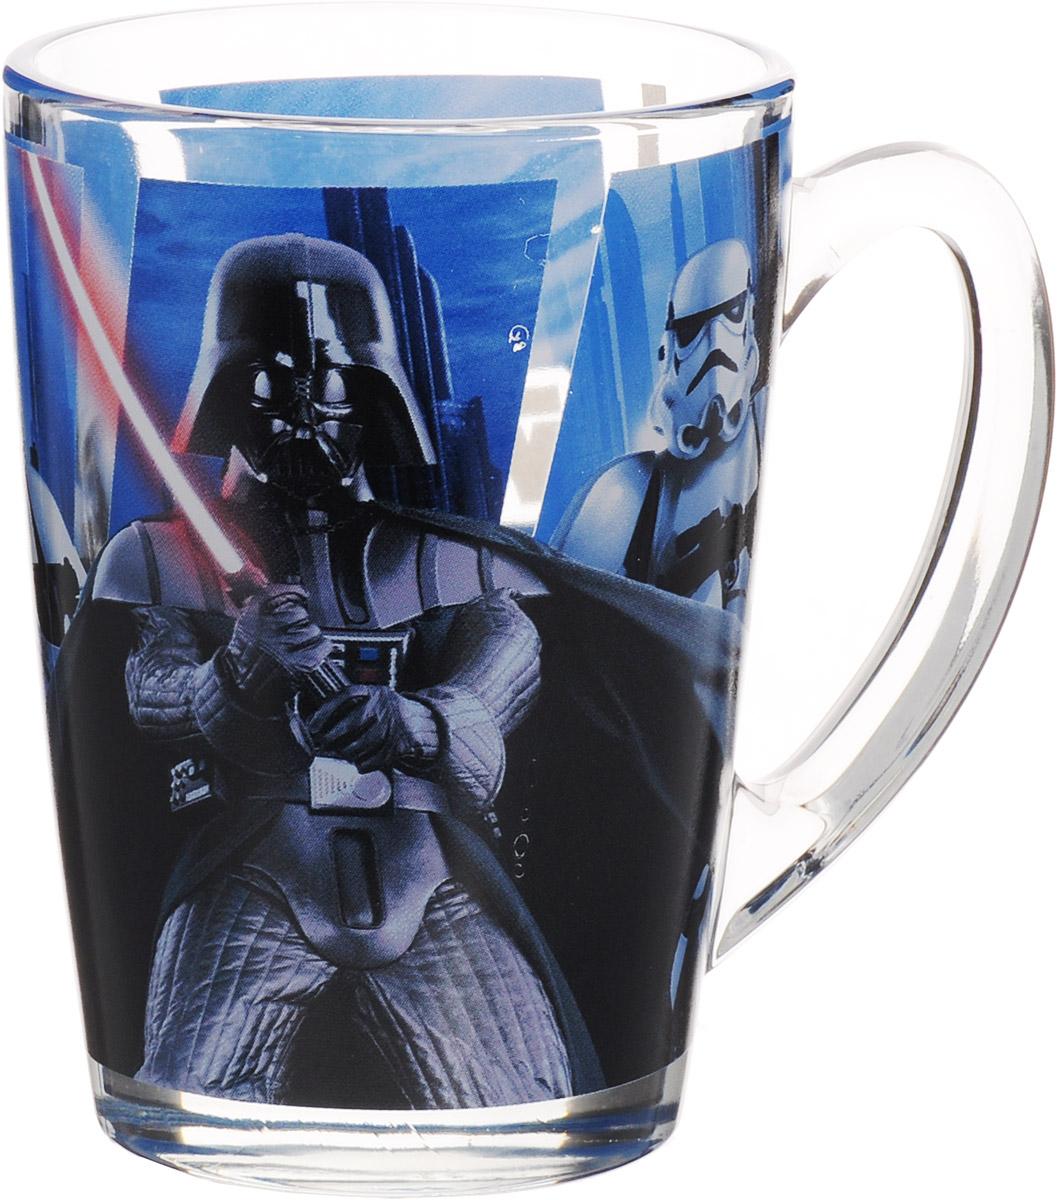 Star Wars Кружка коническая детская Дарт Вейдер 300 млSWG0202Детская кружка Star Wars Дарт Вейдер с любимыми героями станет отличным подарком для вашего ребенка. Она выполнена из стекла и оформлена изображением героев киновселенной Звездные войны. Кружка дополнена удобной ручкой. Такой подарок станет не только приятным, но и практичным сувениром: кружка будет незаменимым атрибутом чаепития, а оригинальное оформление кружки добавит ярких эмоций и хорошего настроения. Можно использовать в посудомоечной машине.